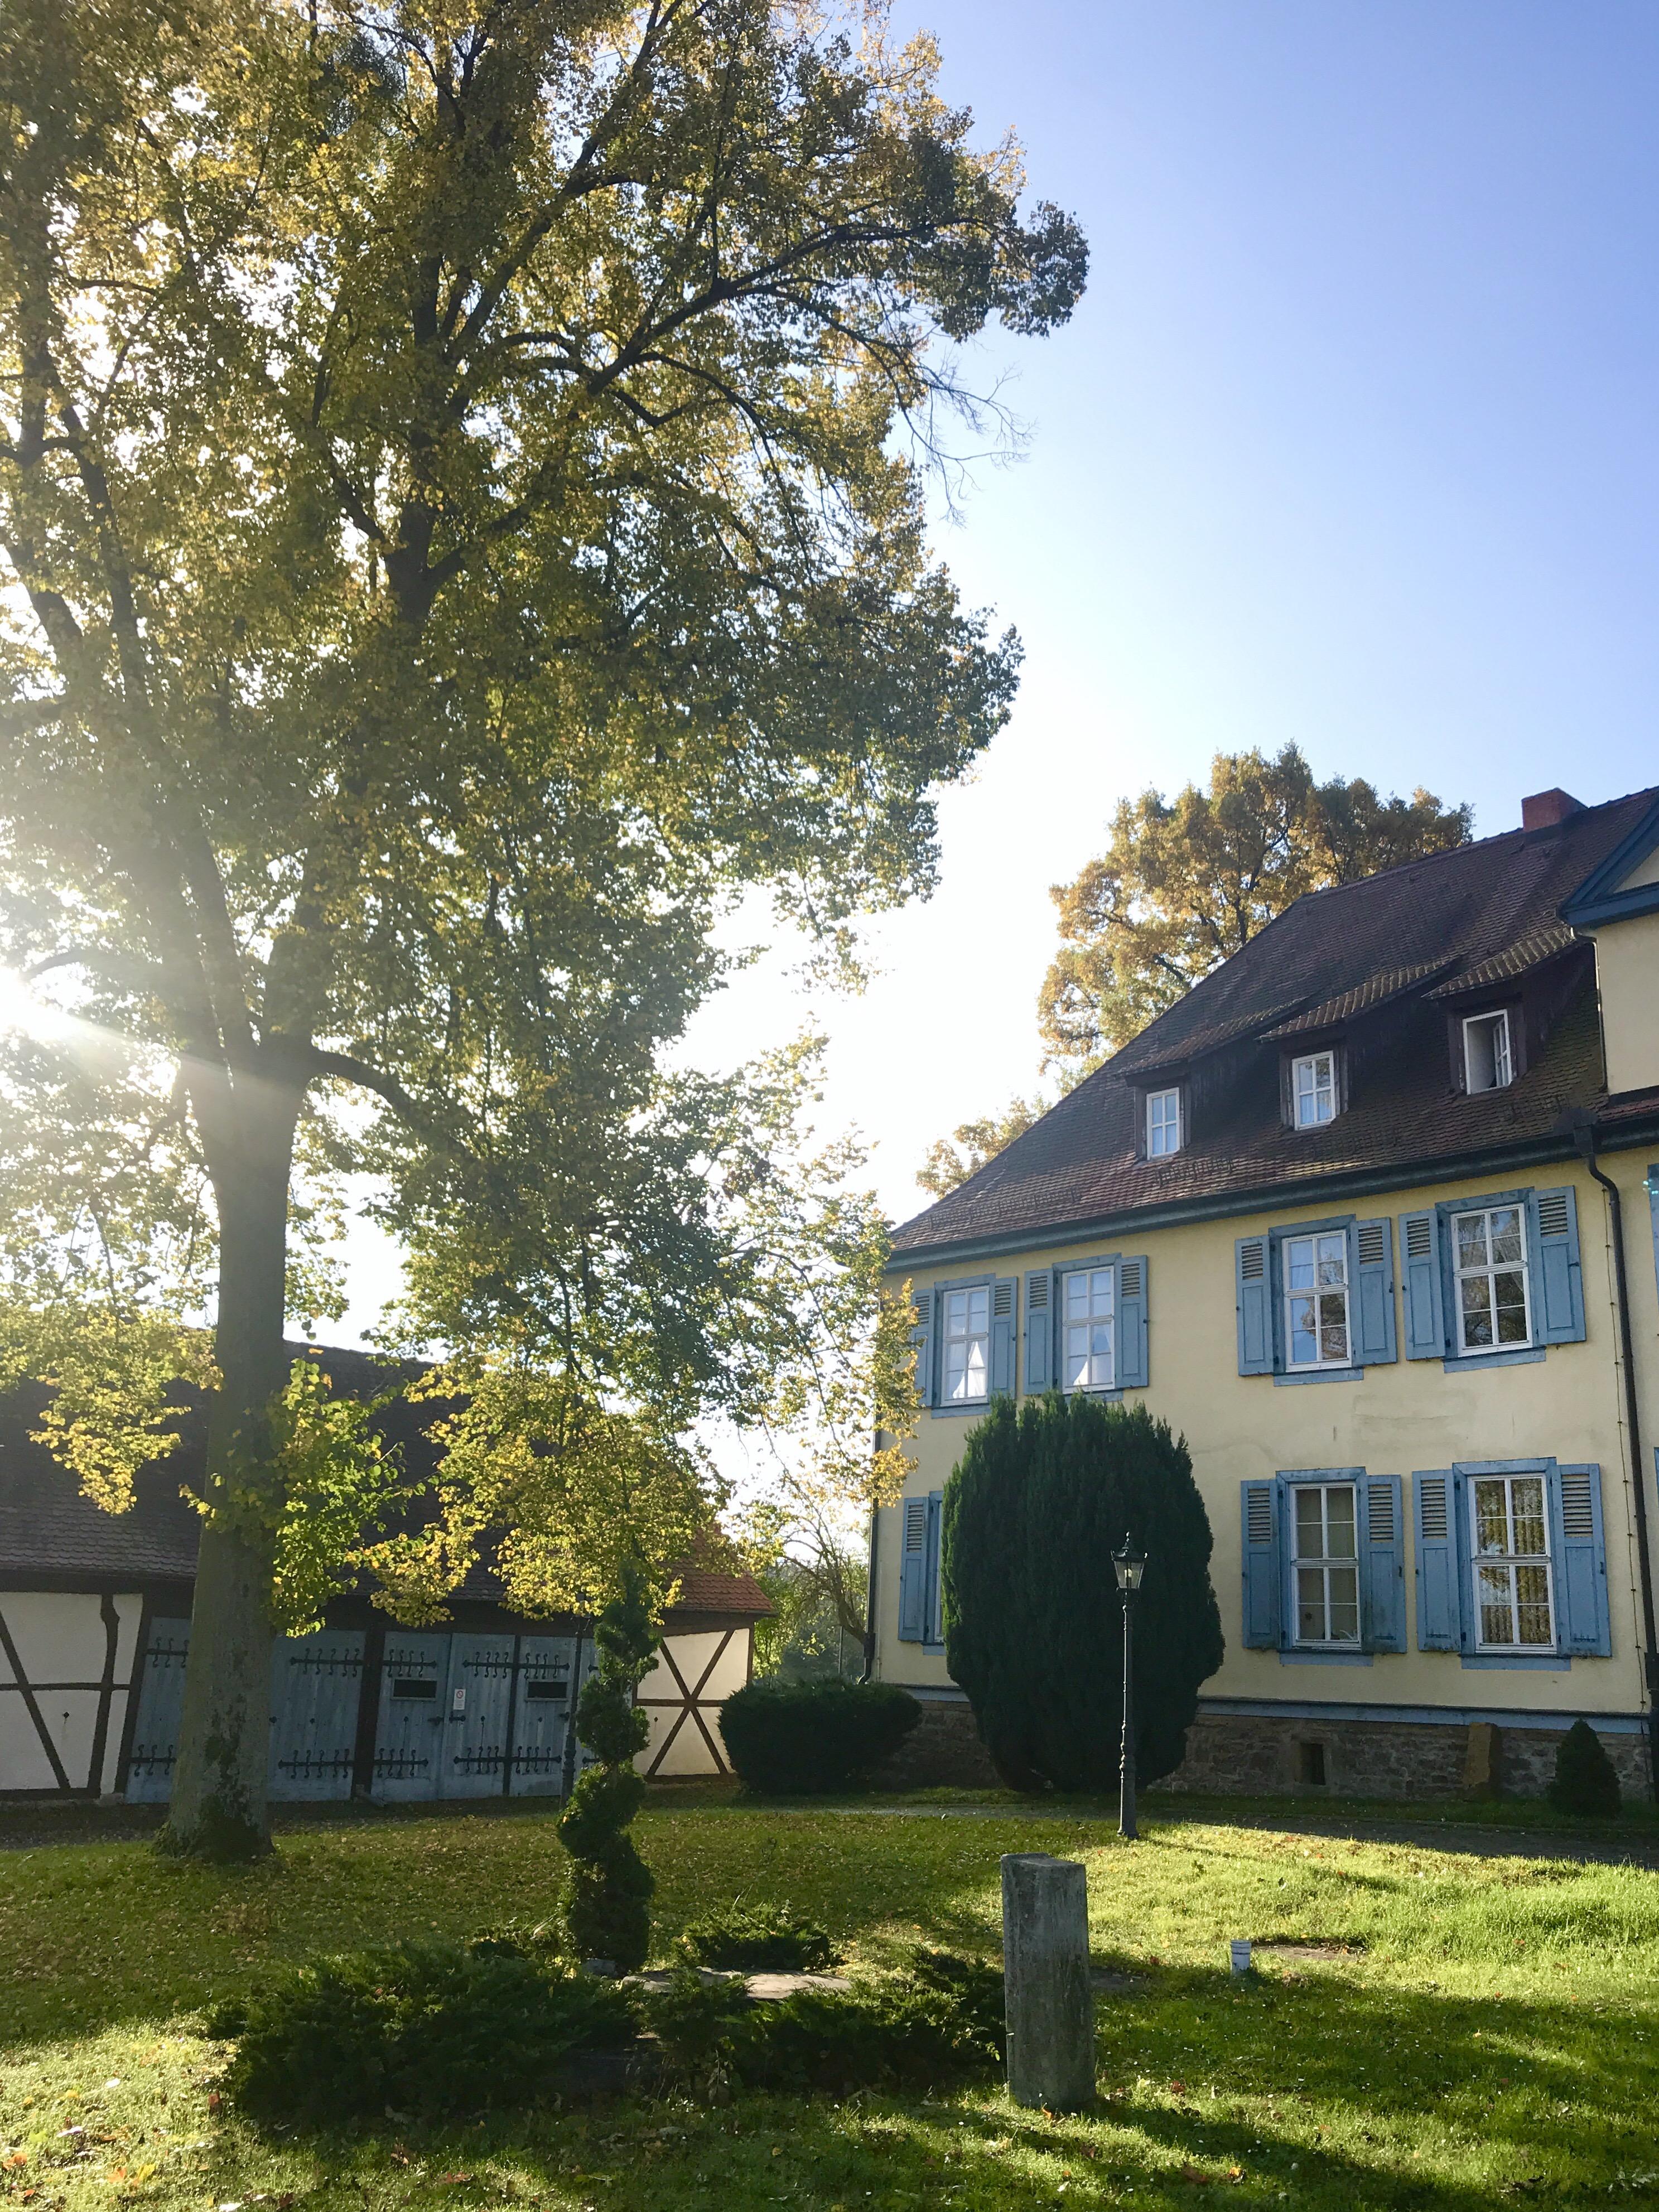 Hotel zum Herrenhaus im Nationalpark Hainich   berlinmittemom.com